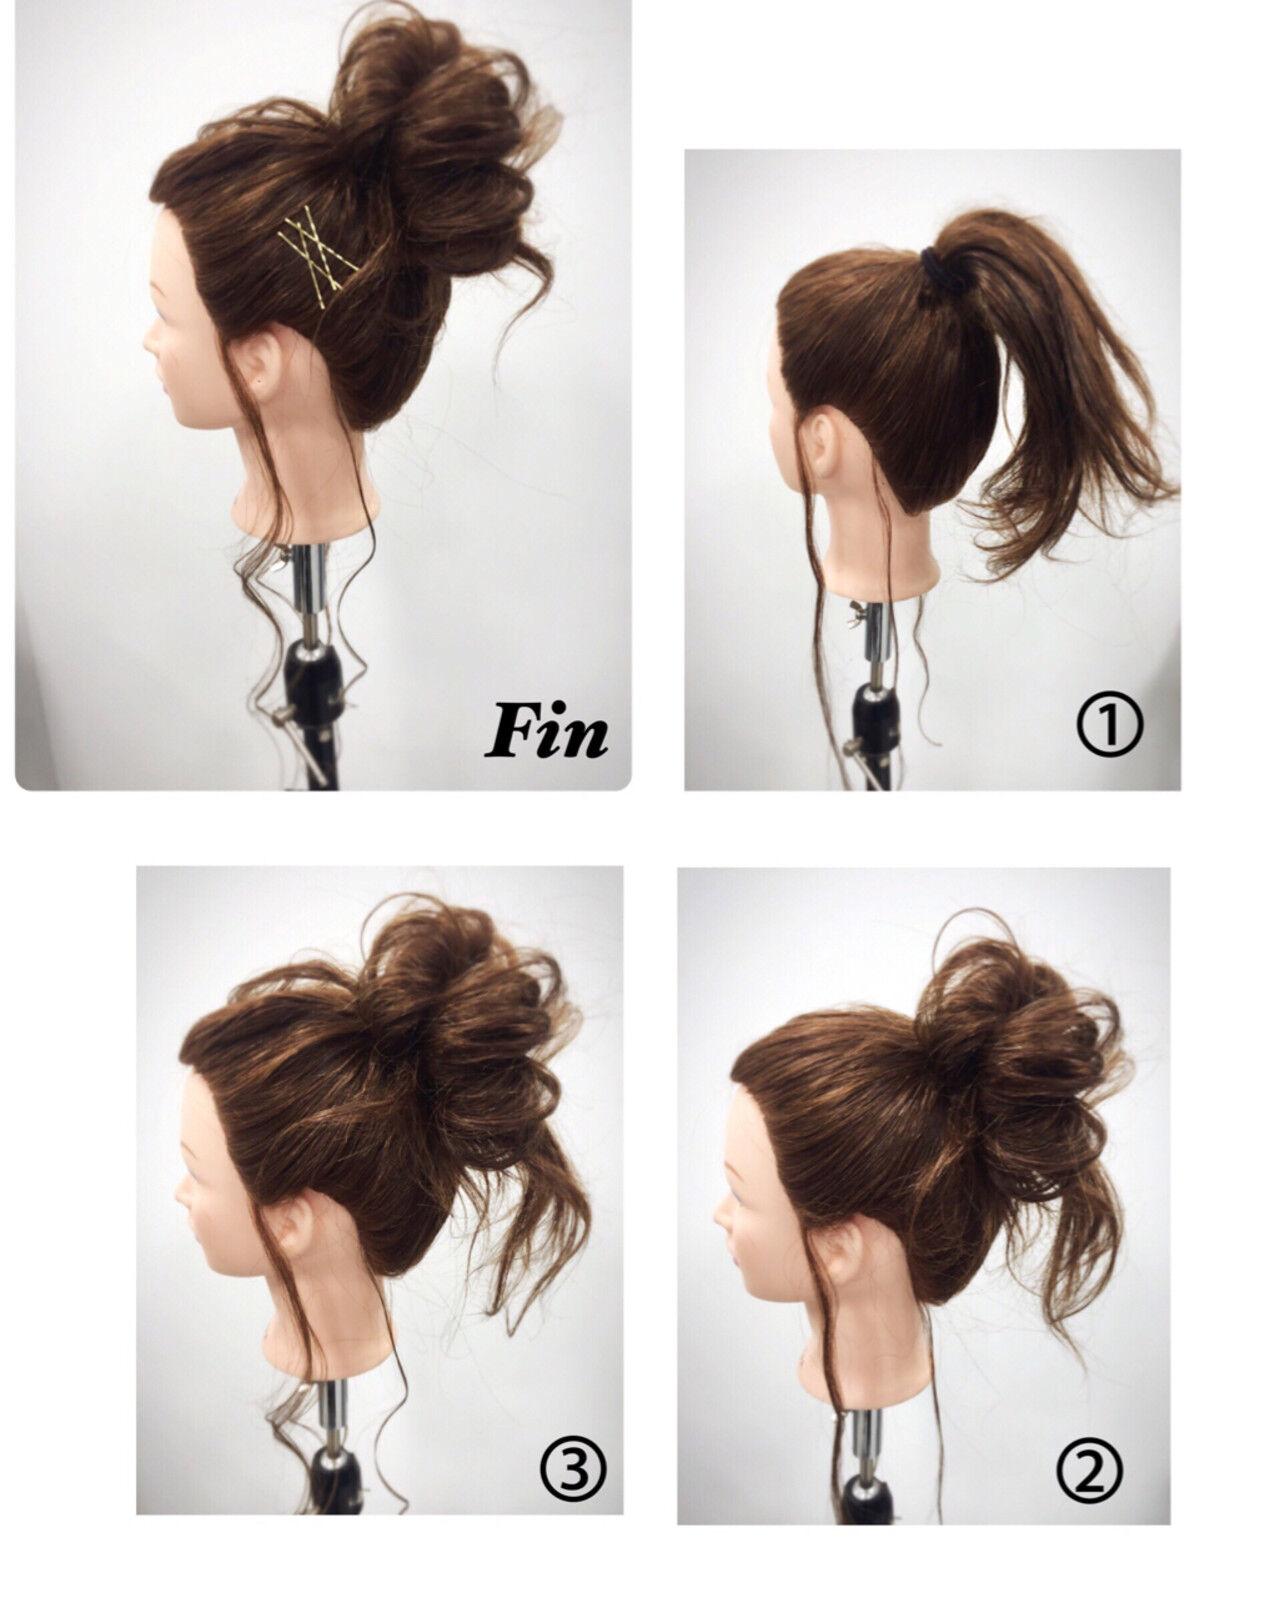 セミロング ハーフアップ 簡単ヘアアレンジ フェミニンヘアスタイルや髪型の写真・画像